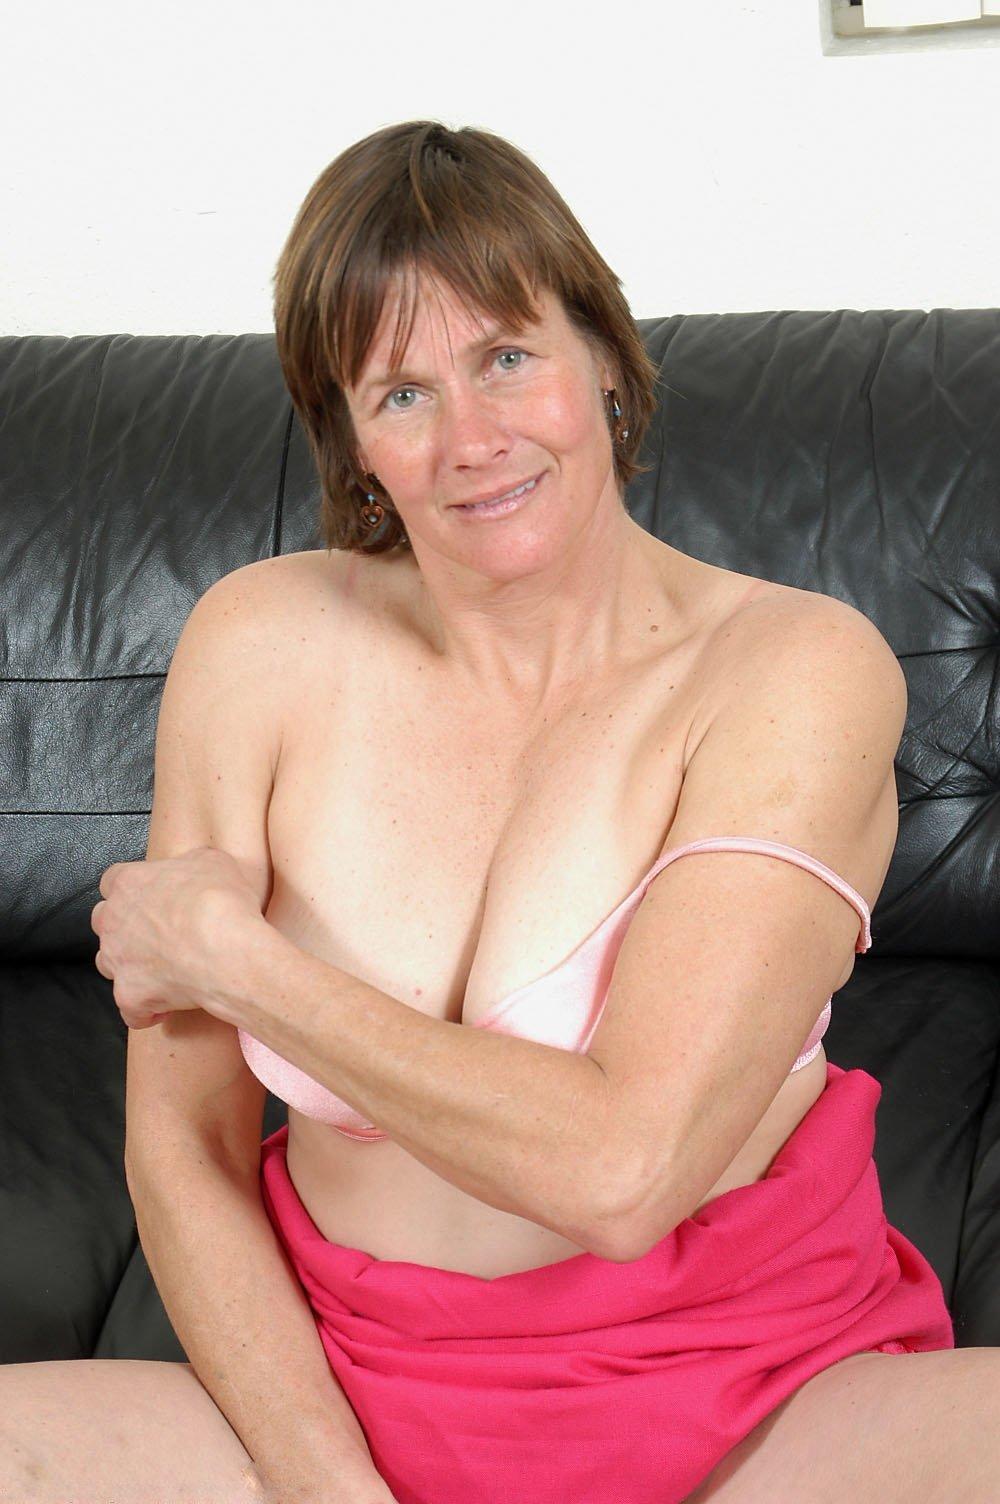 seXysEcreTaryBelle from Ards,United Kingdom